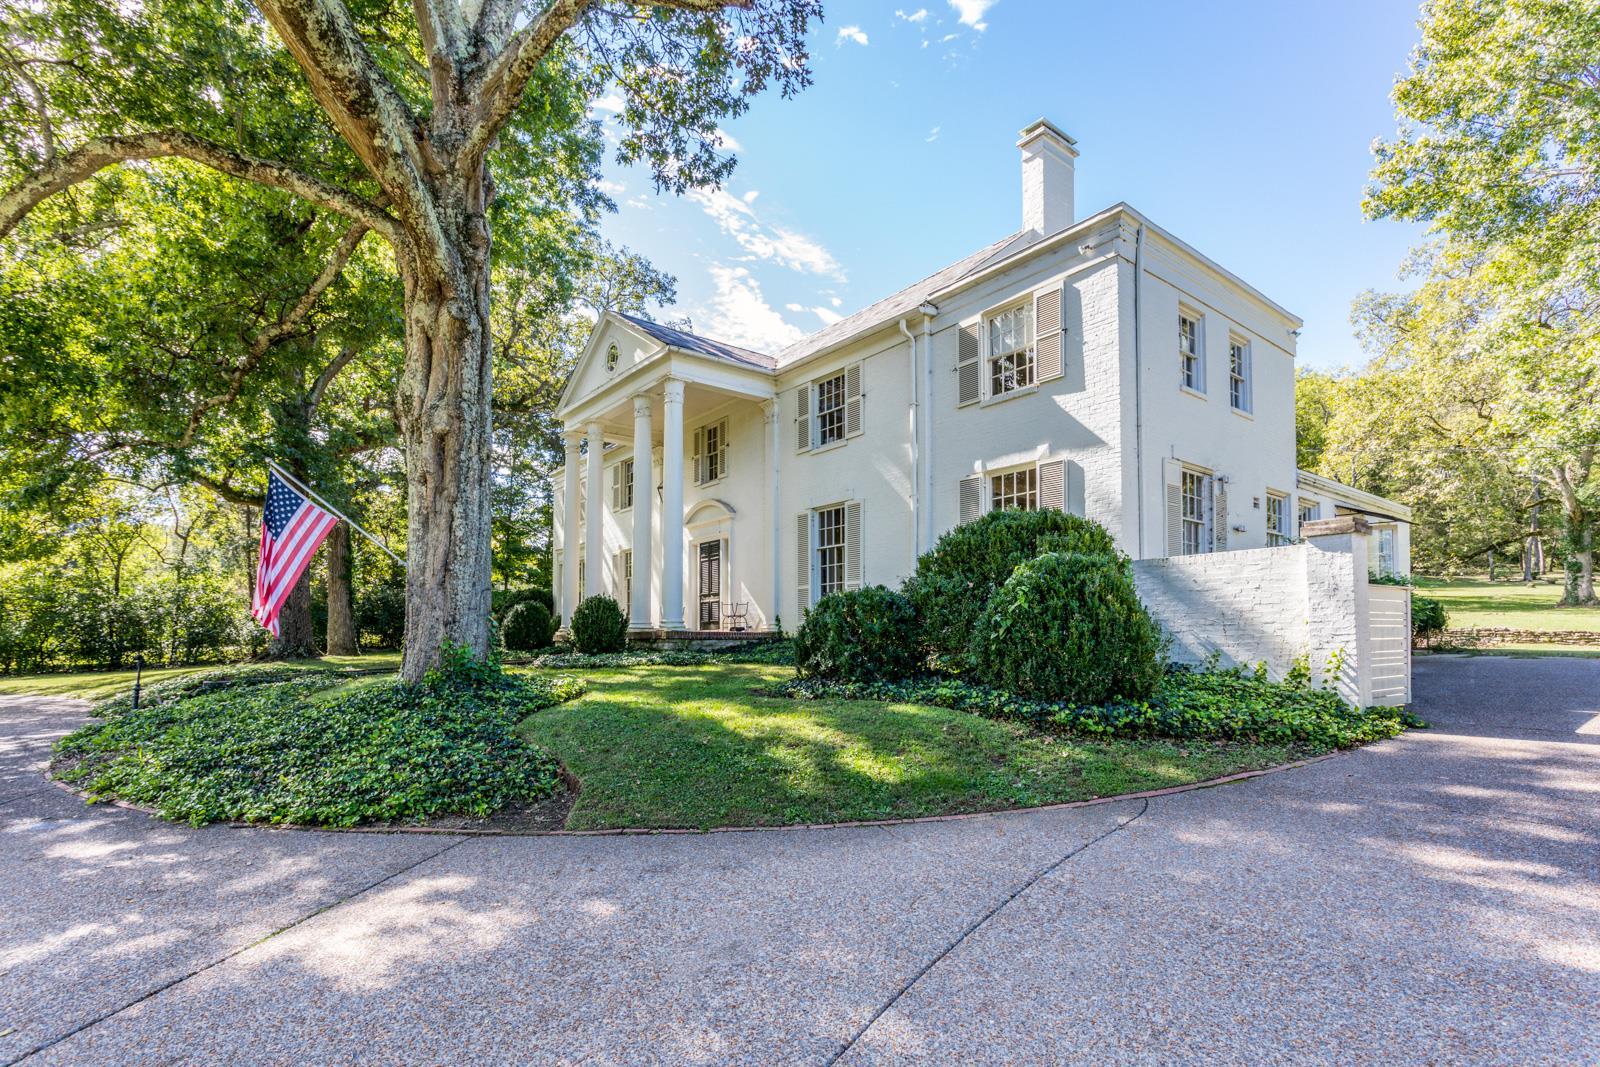 $2,675,000 - 4Br/3Ba -  for Sale in Forest Hills 4.7 Acres, Nashville